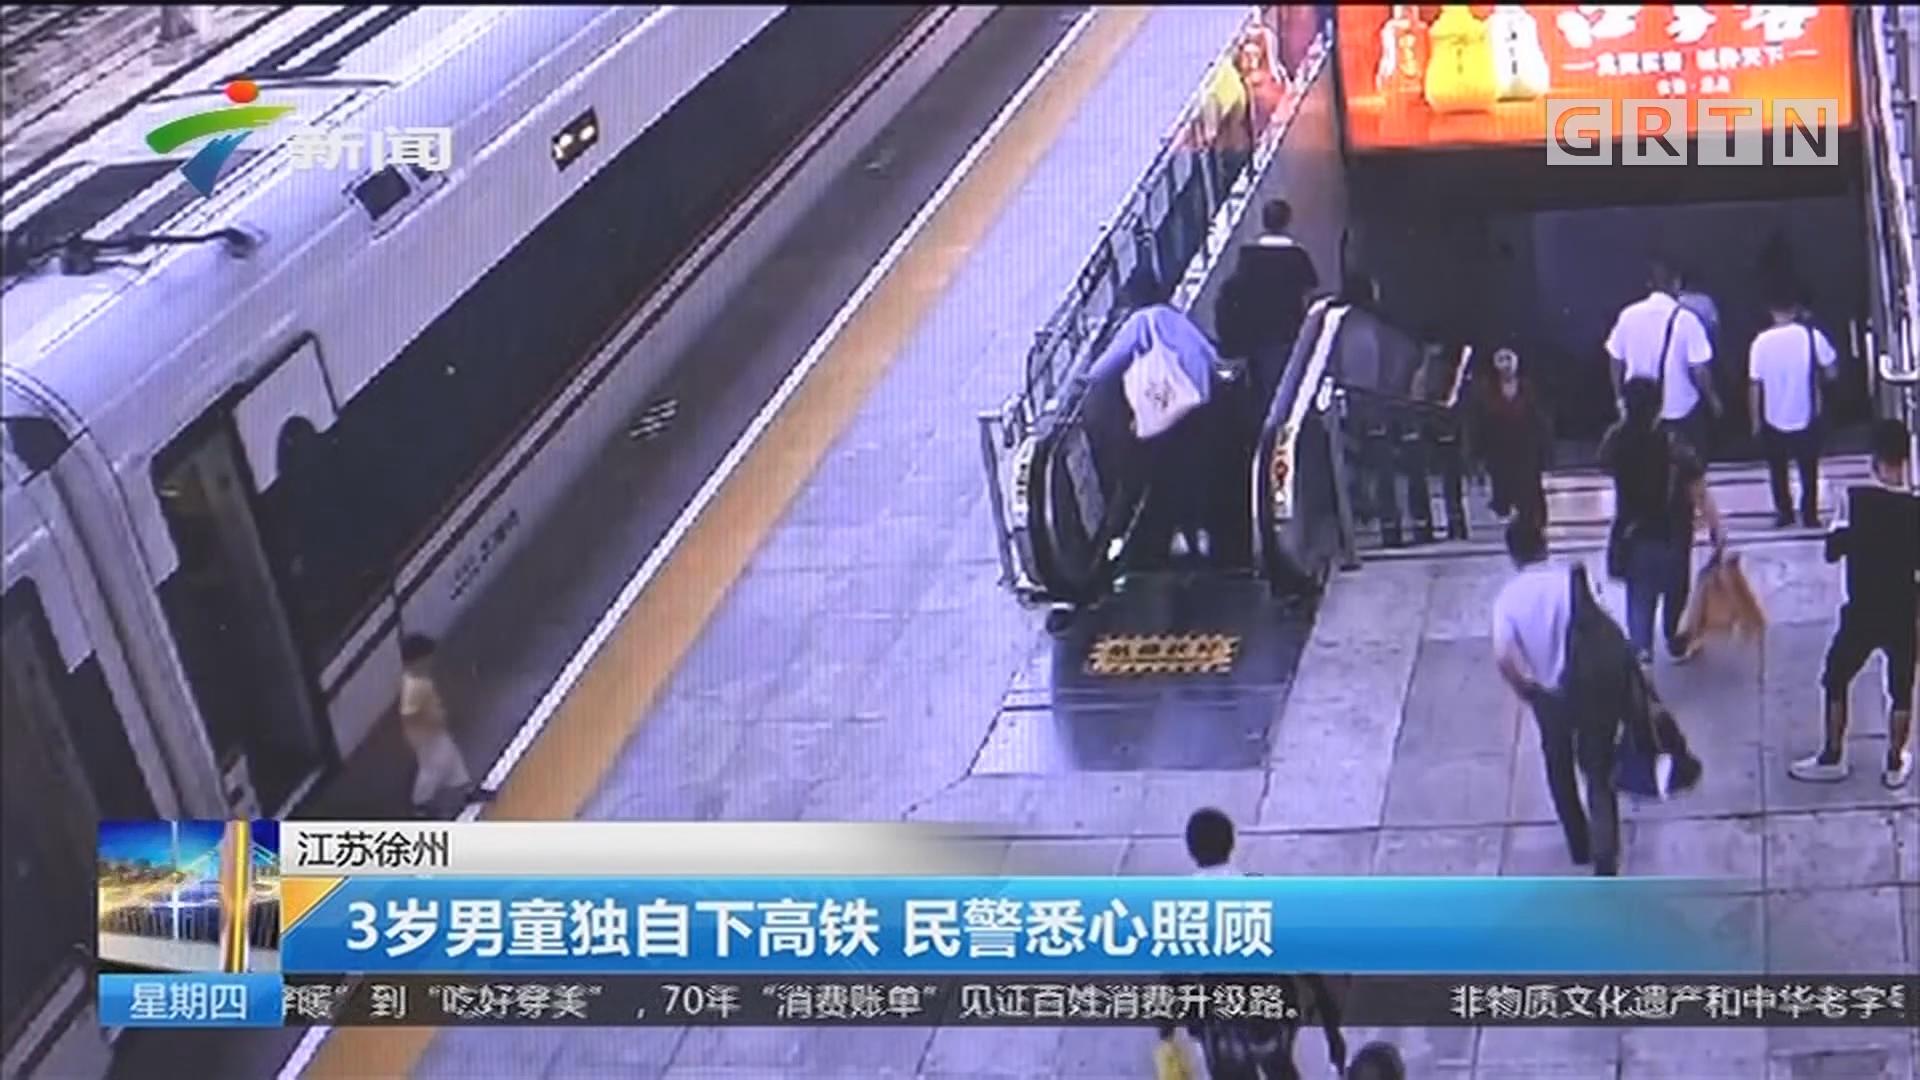 江苏徐州:3岁男童独自下高铁 民警悉心照顾